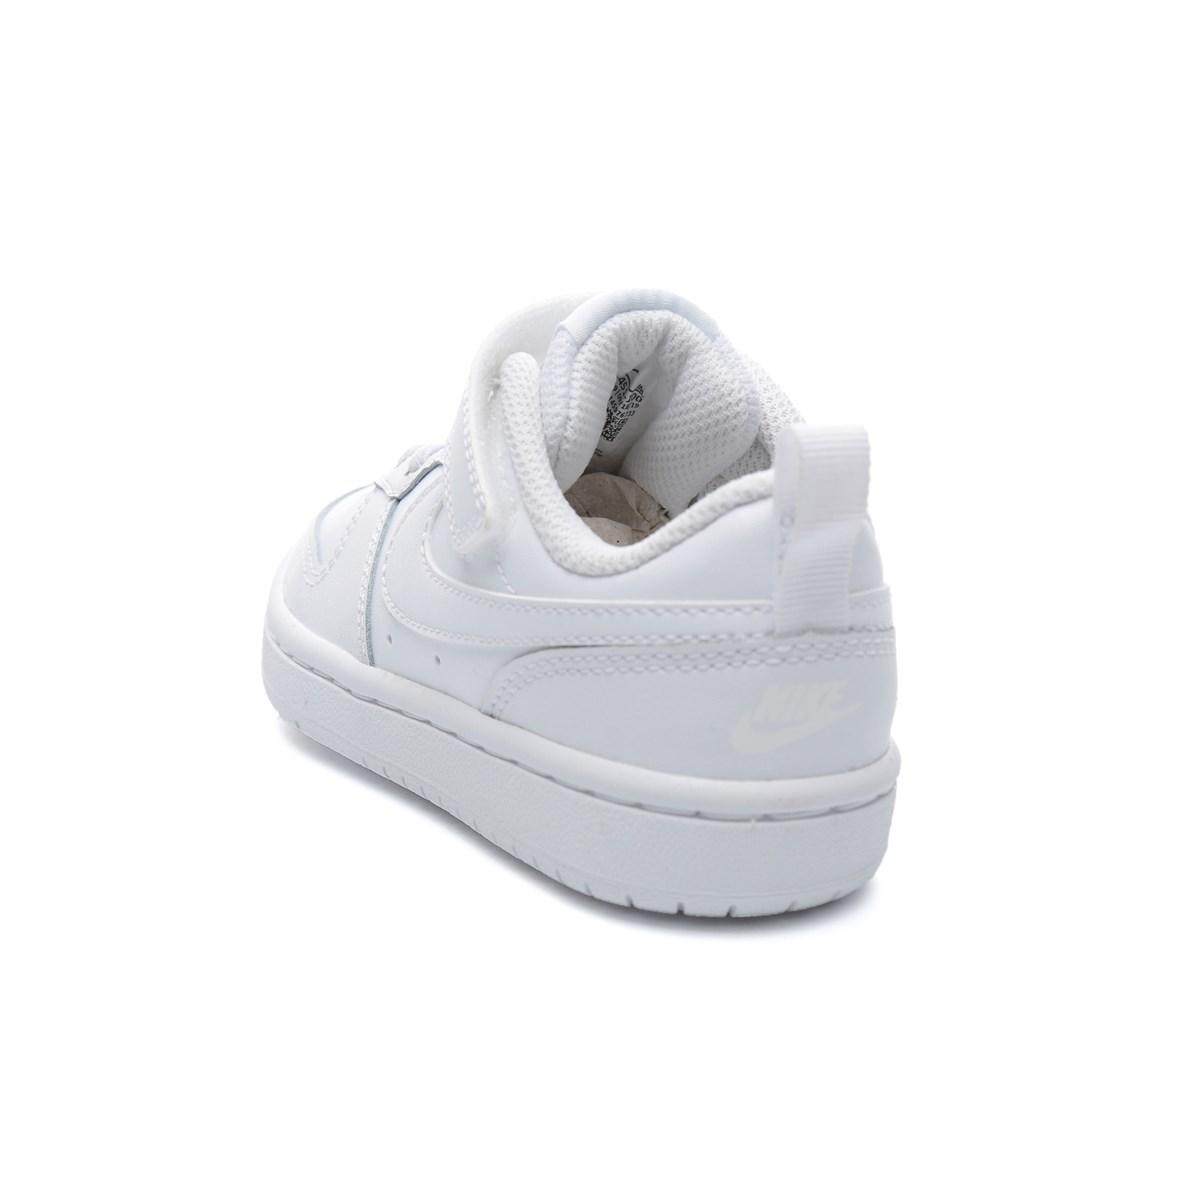 Court Borough Low 2 Beyaz Spor Ayakkabı (BQ5451-100)